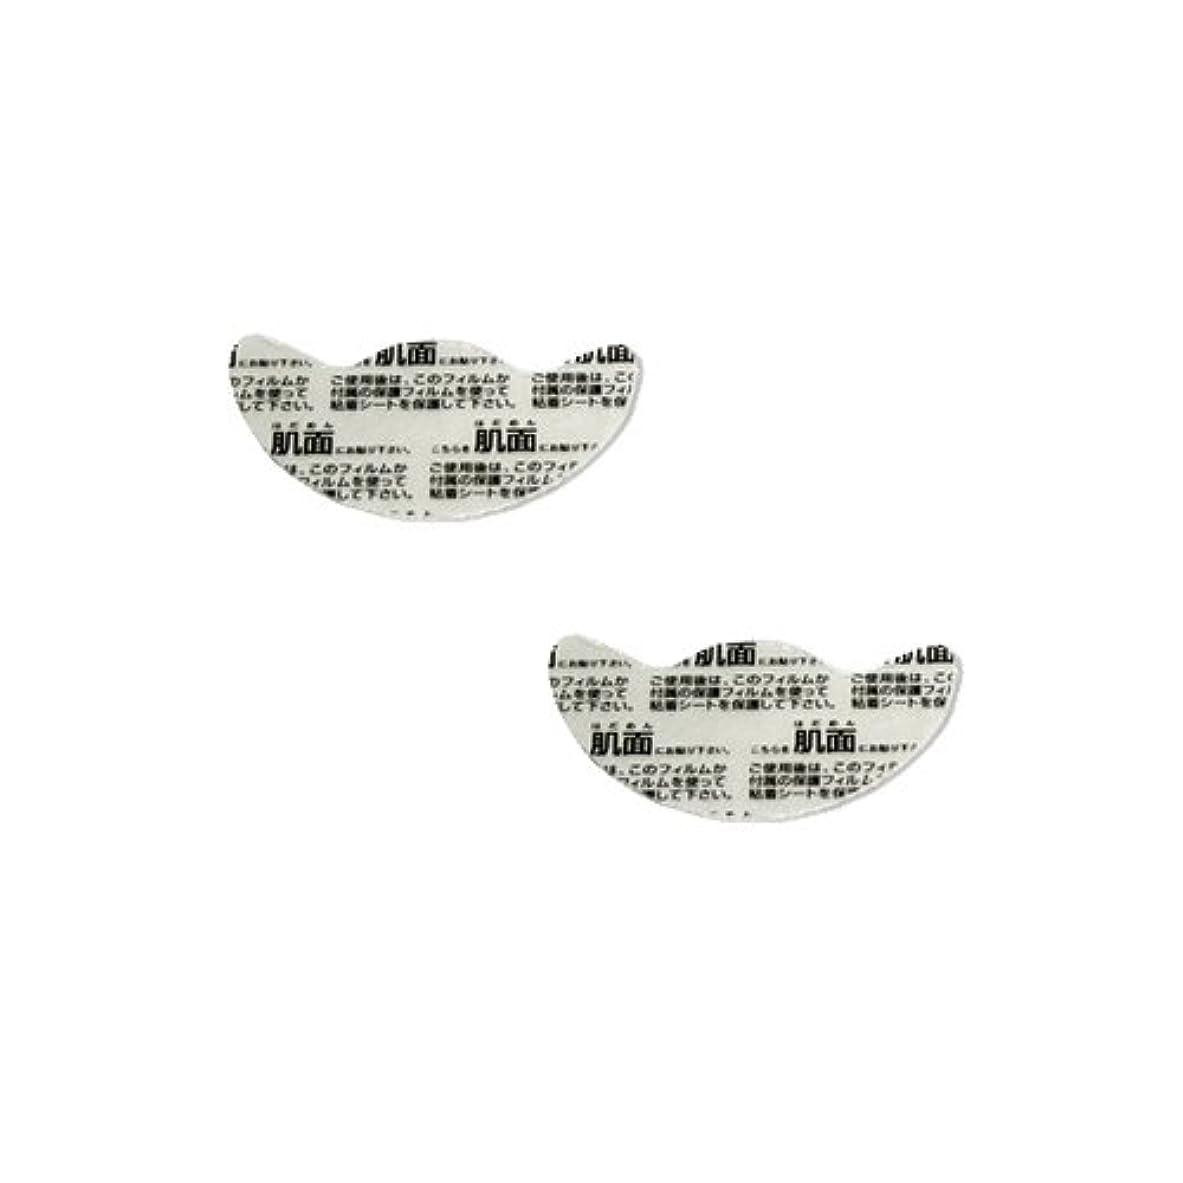 元の壊滅的な飾るナール超音波EMS美顔器 小顔ナール(Kogao NARL) 交換用粘着シート 2枚入(2枚×1組)